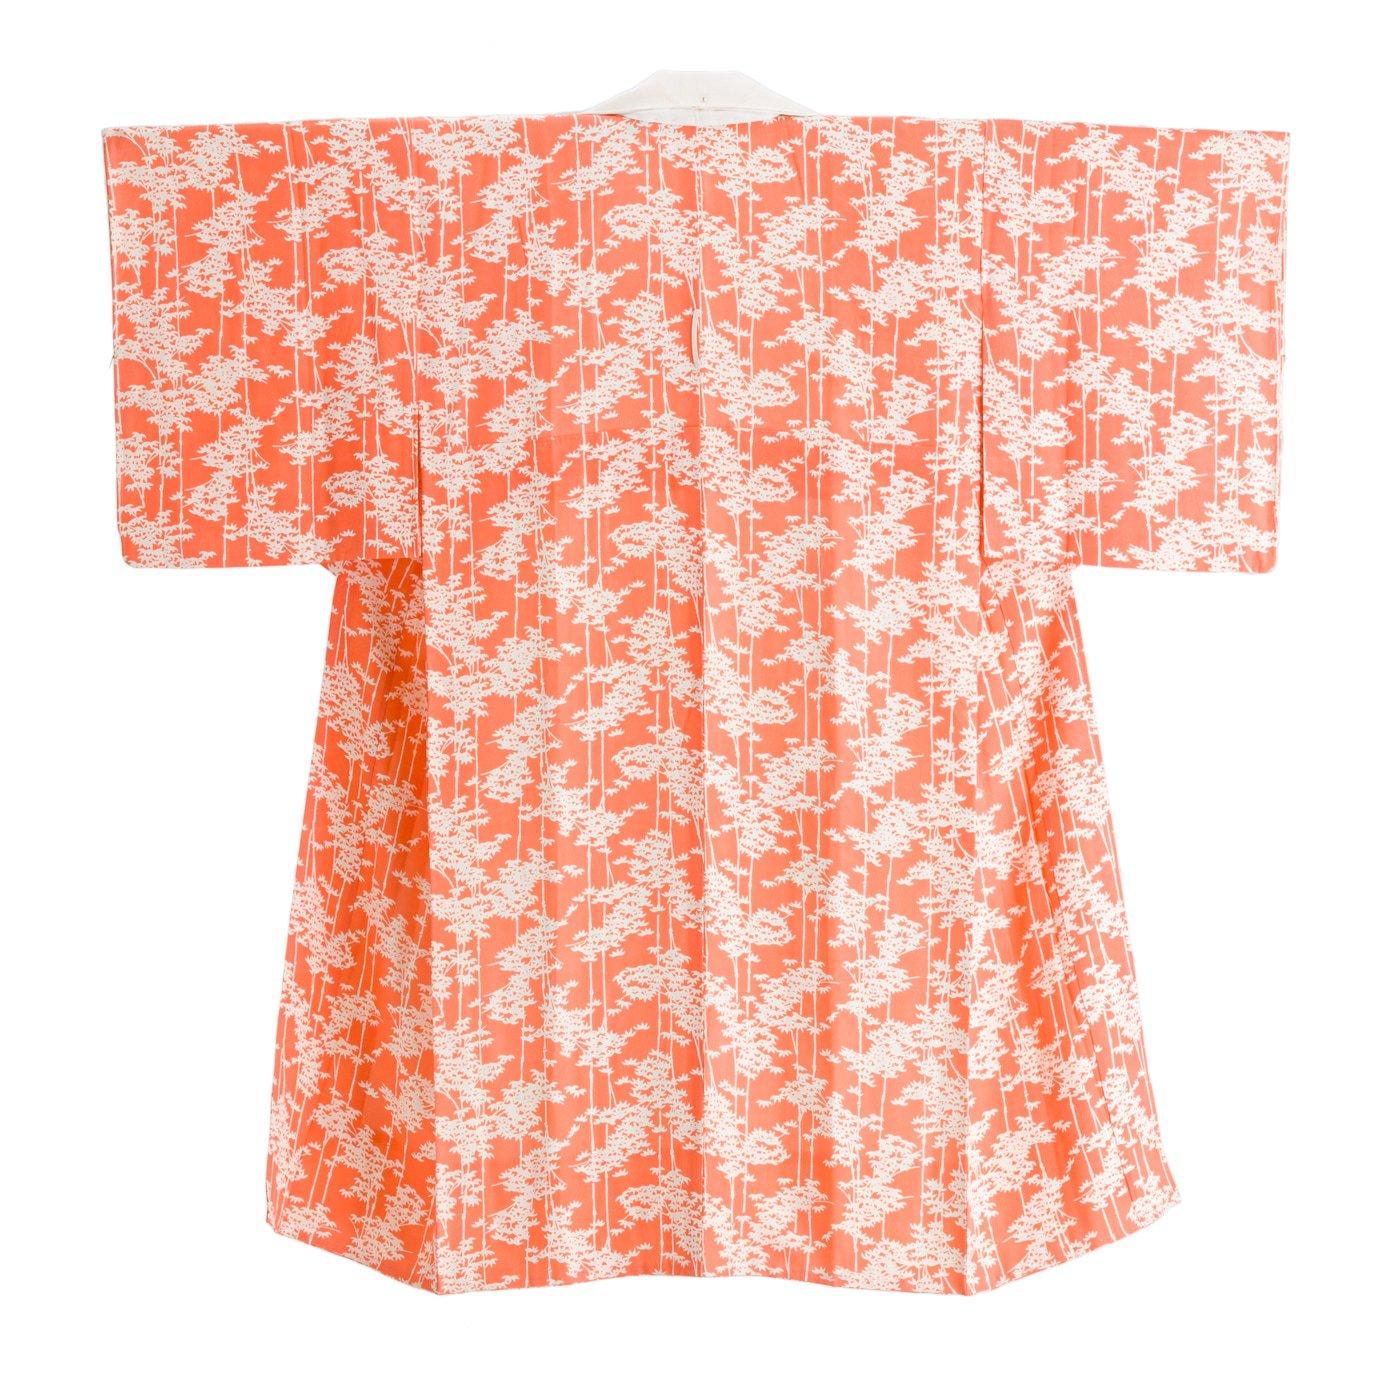 「長襦袢 サーモンピンクに竹」の商品画像